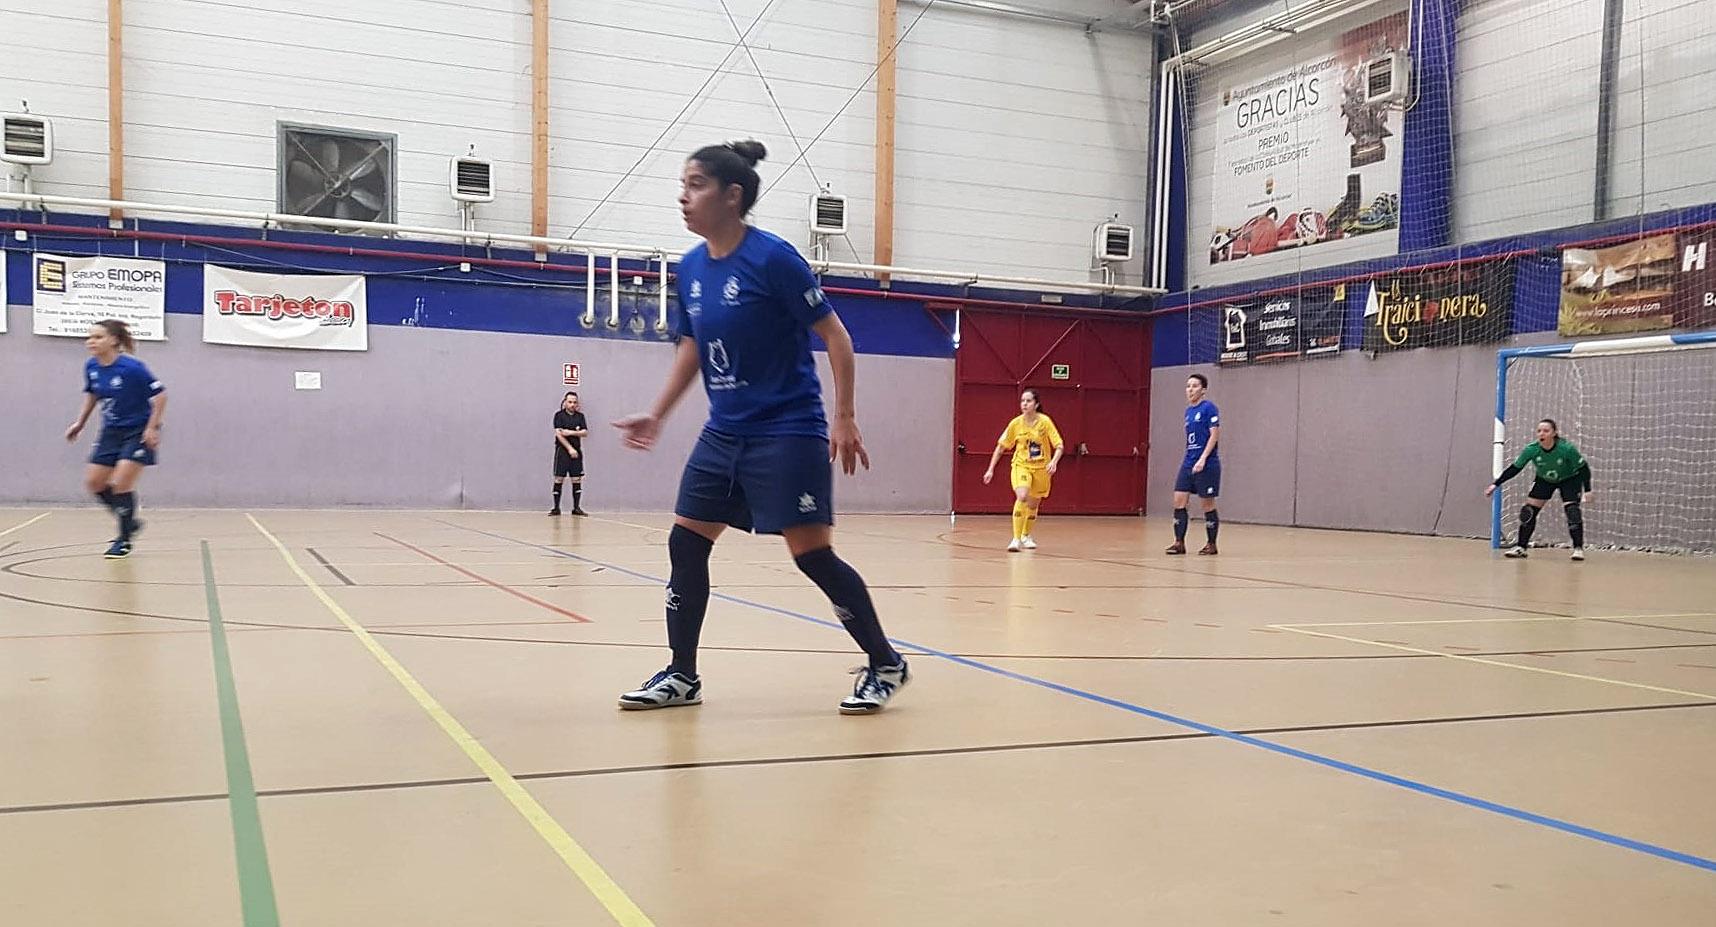 Crónica: AD Alcorcón B - Preconte Telde . Jornada 20ª. 2ª División. Grupo 4º